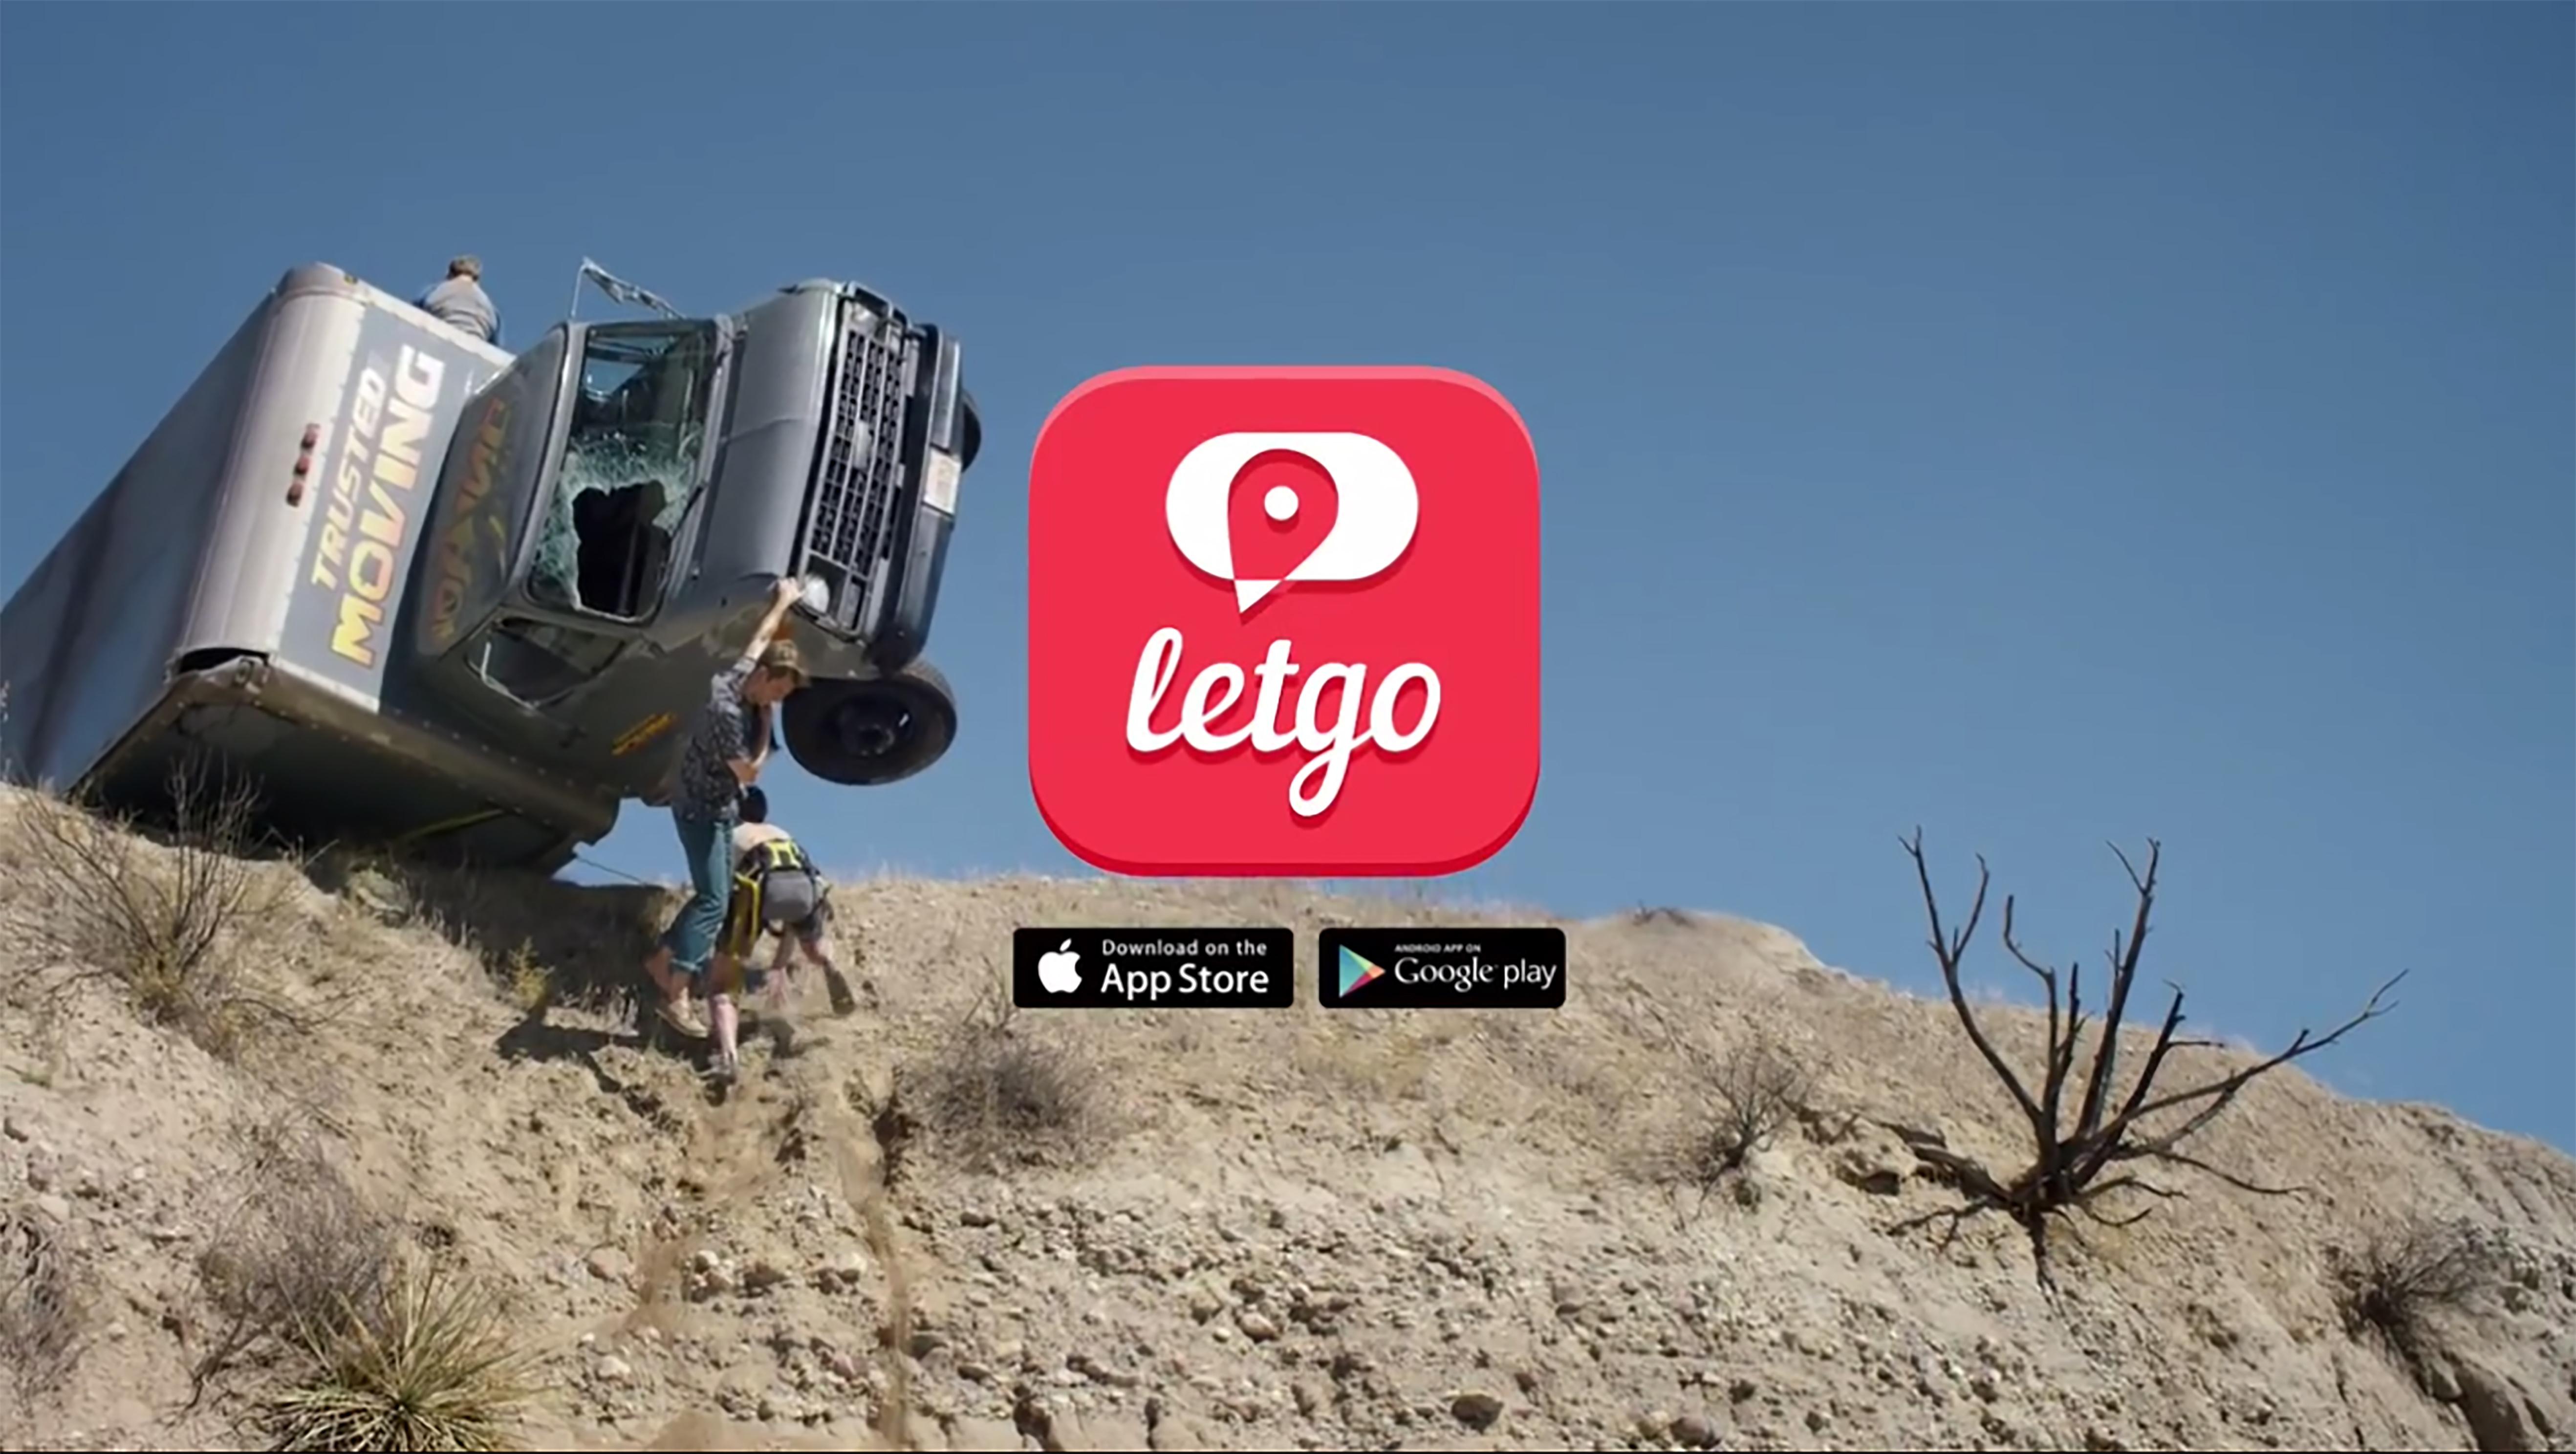 let go app download